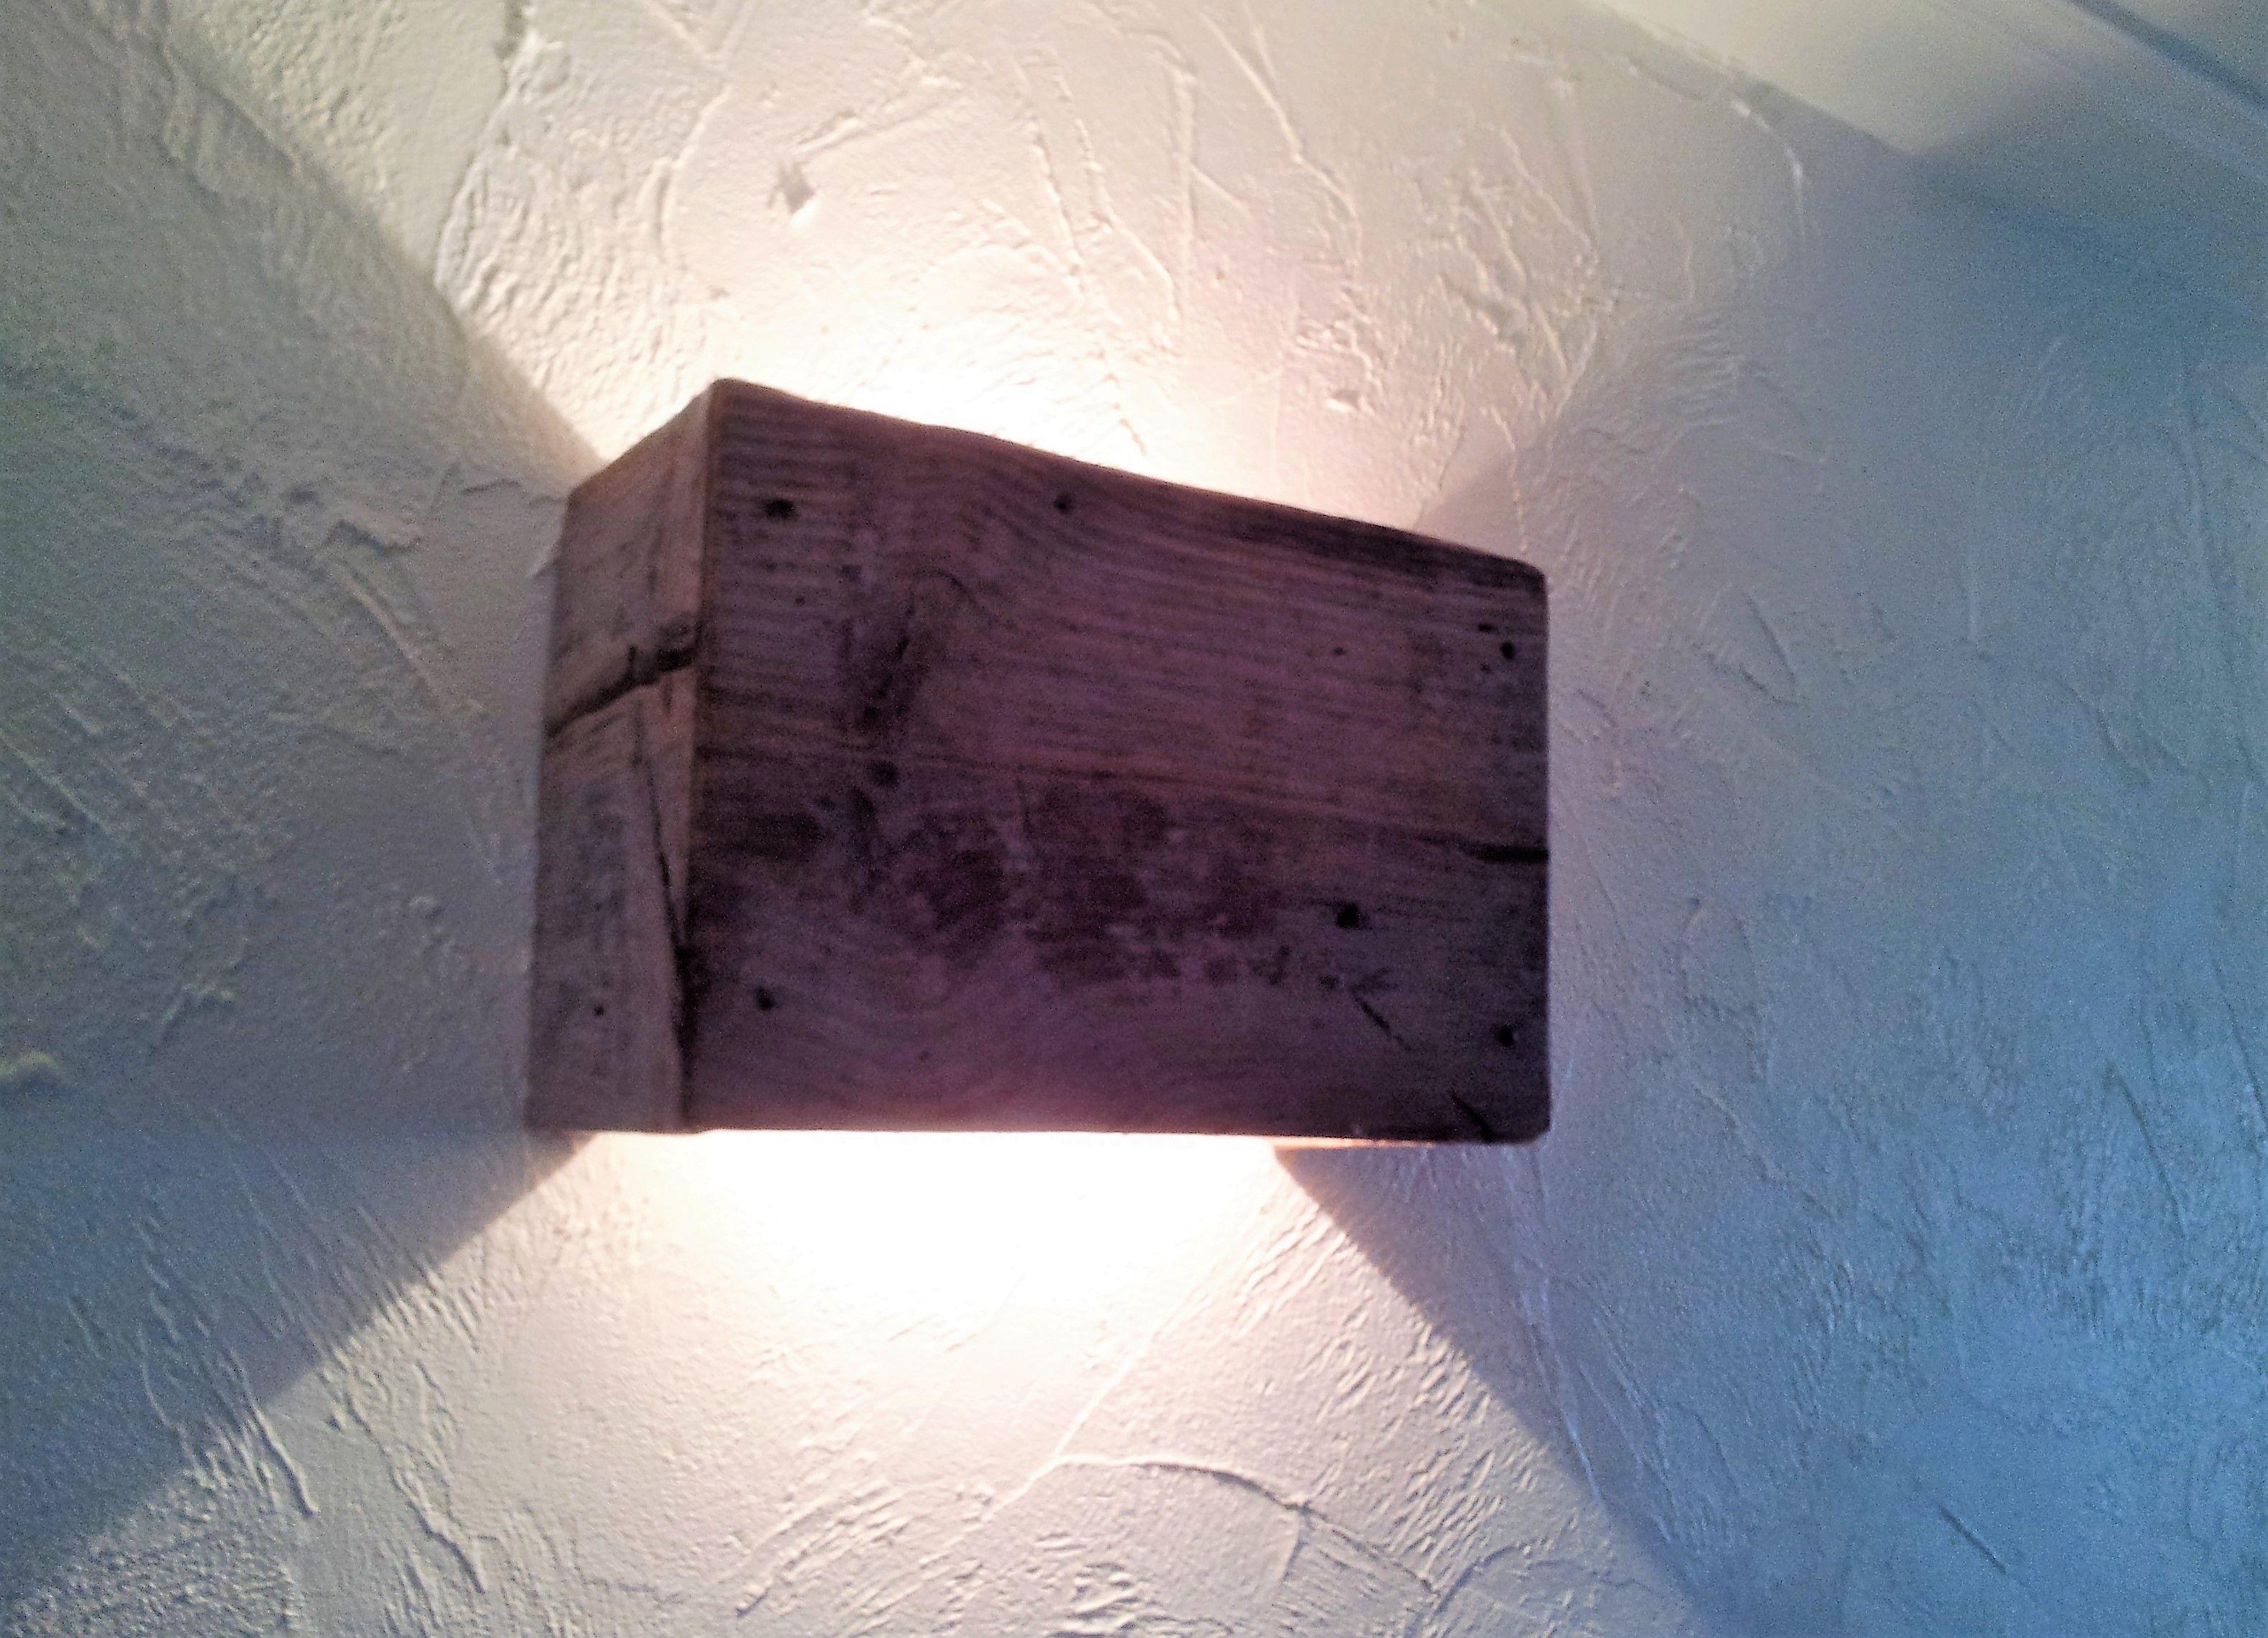 Wandlamp Steigerhout Slaapkamer : Wandlamp steigerhout living wandlamp studio en zwart